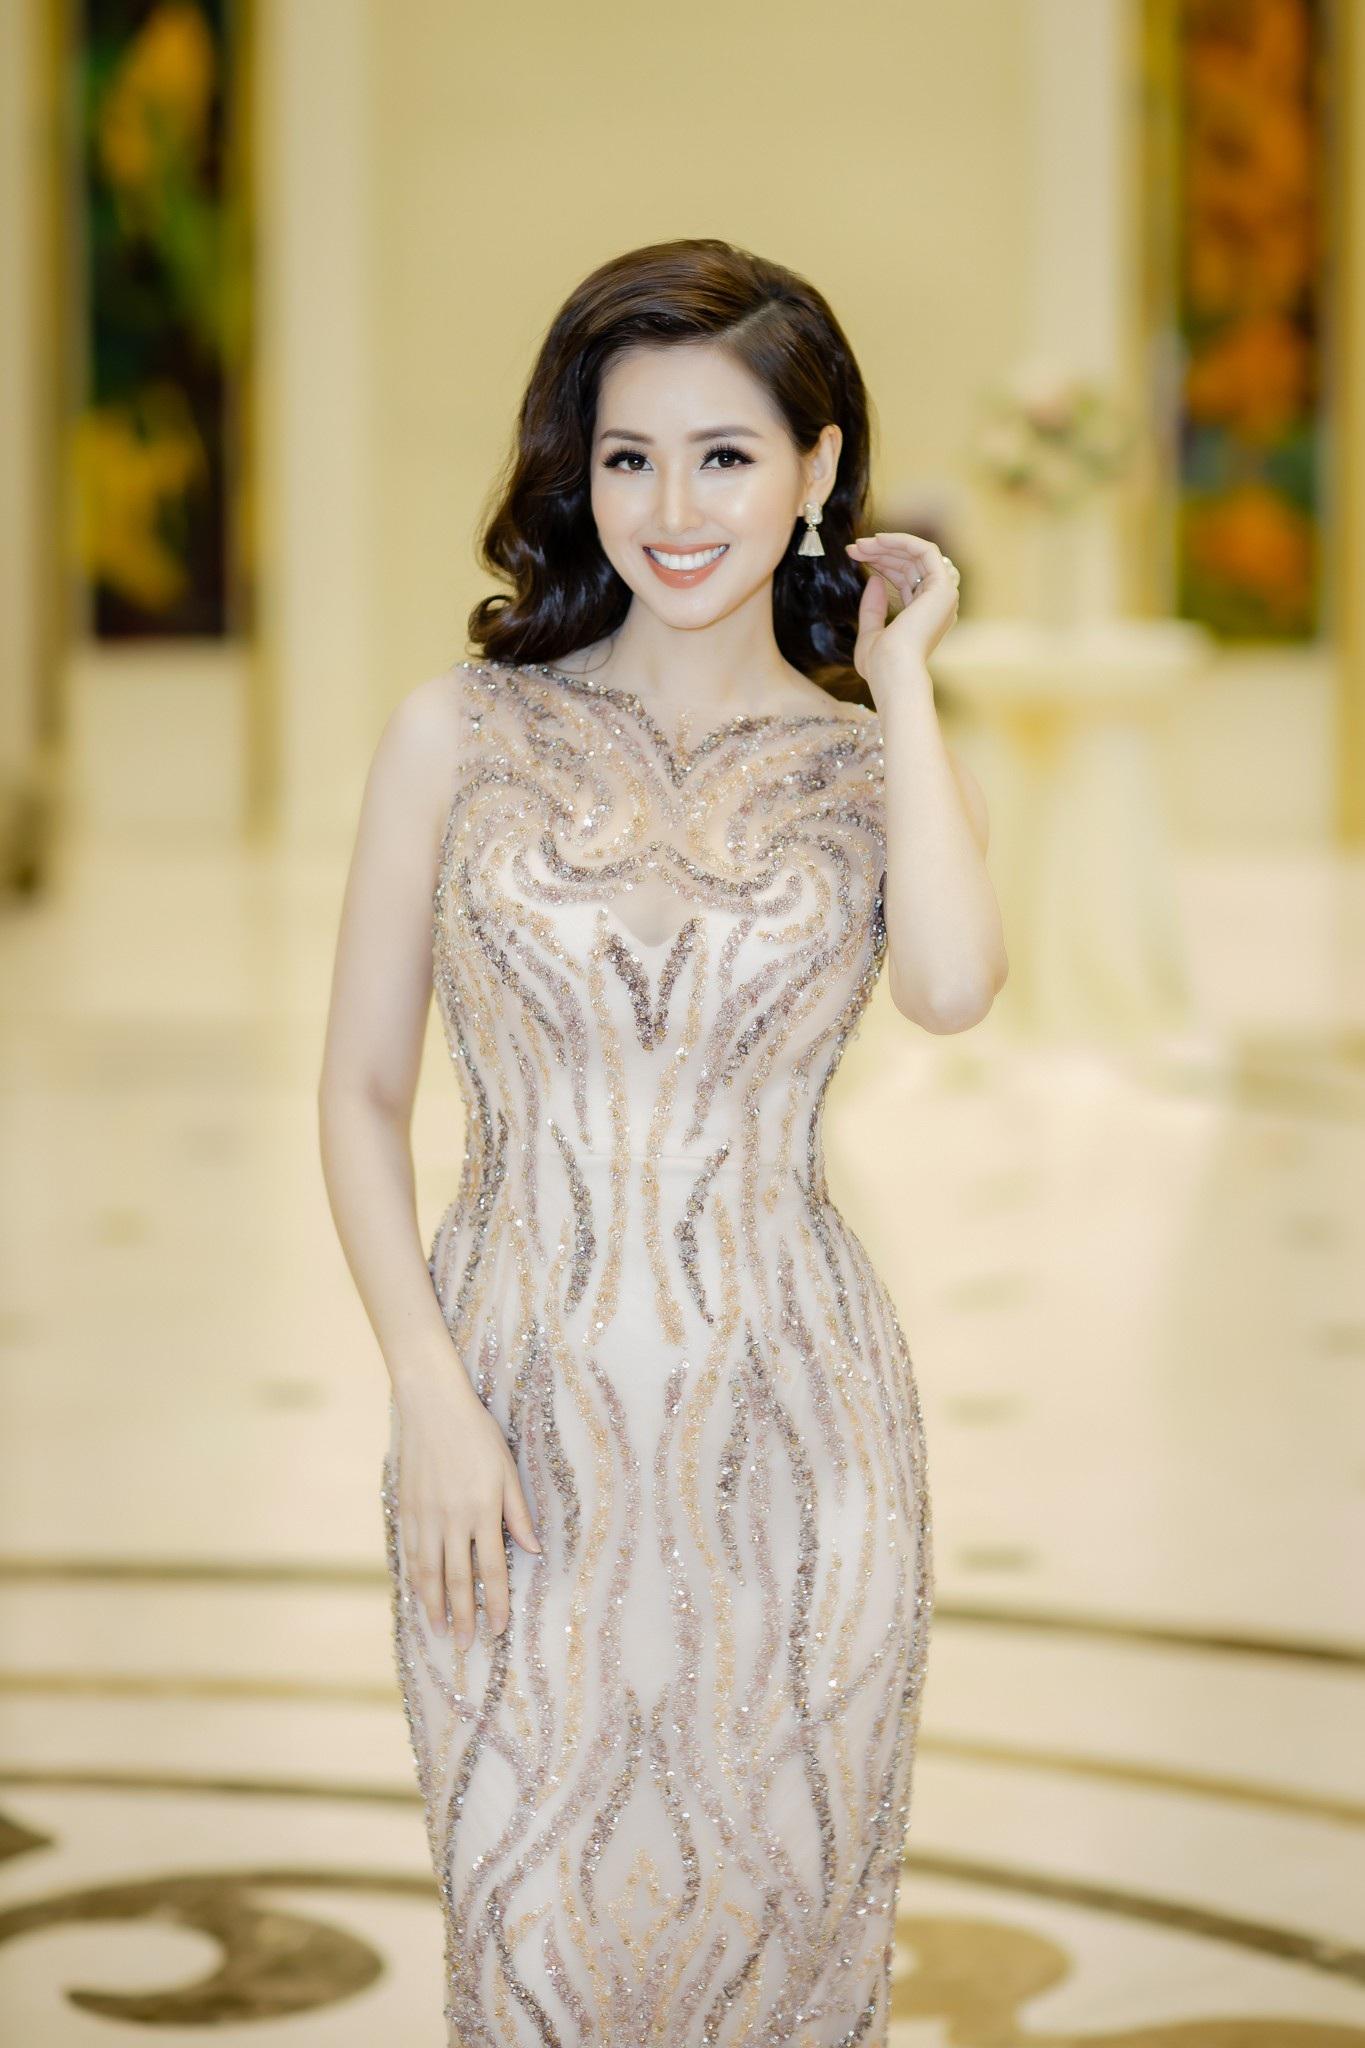 Cuộc sống sung túc, hot girl Tâm Tít sang chảnh không kém Hoa hậu Mai Phương Thuý - Ảnh 3.